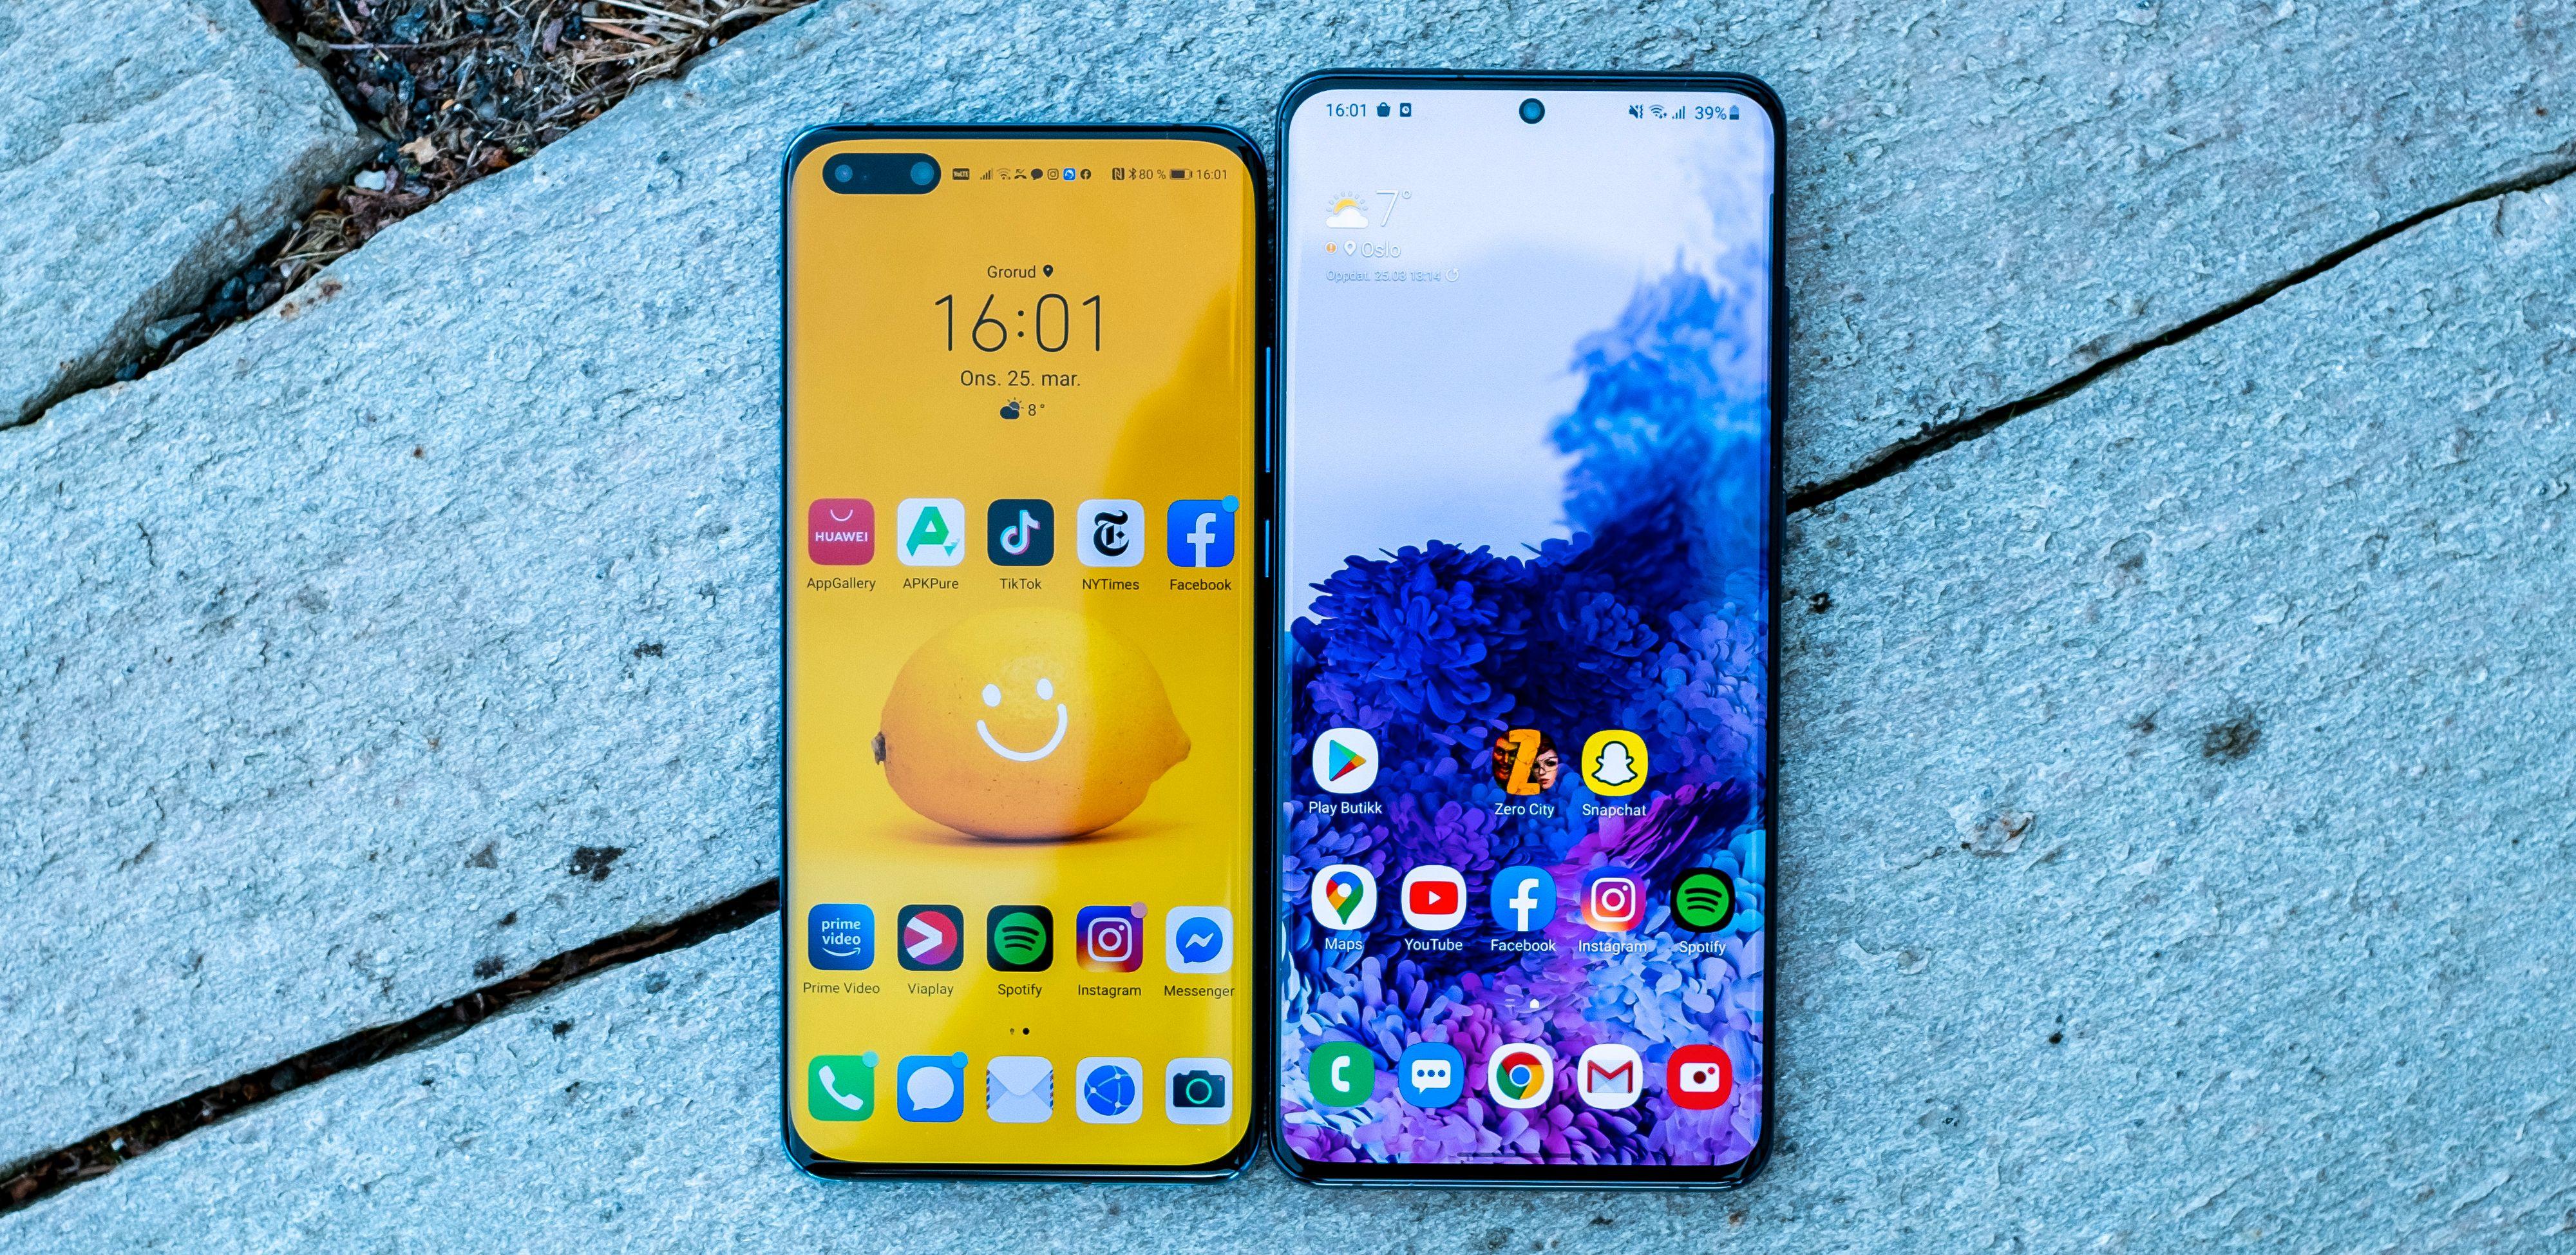 Huawei P40 Pro til venstre, Samsung Galaxy S20 Ultra til høyre. Begge er gode, men på hver sine måter. Begge kunne vært nær perfekte, men omstendighetene har gjort at de ikke er det.